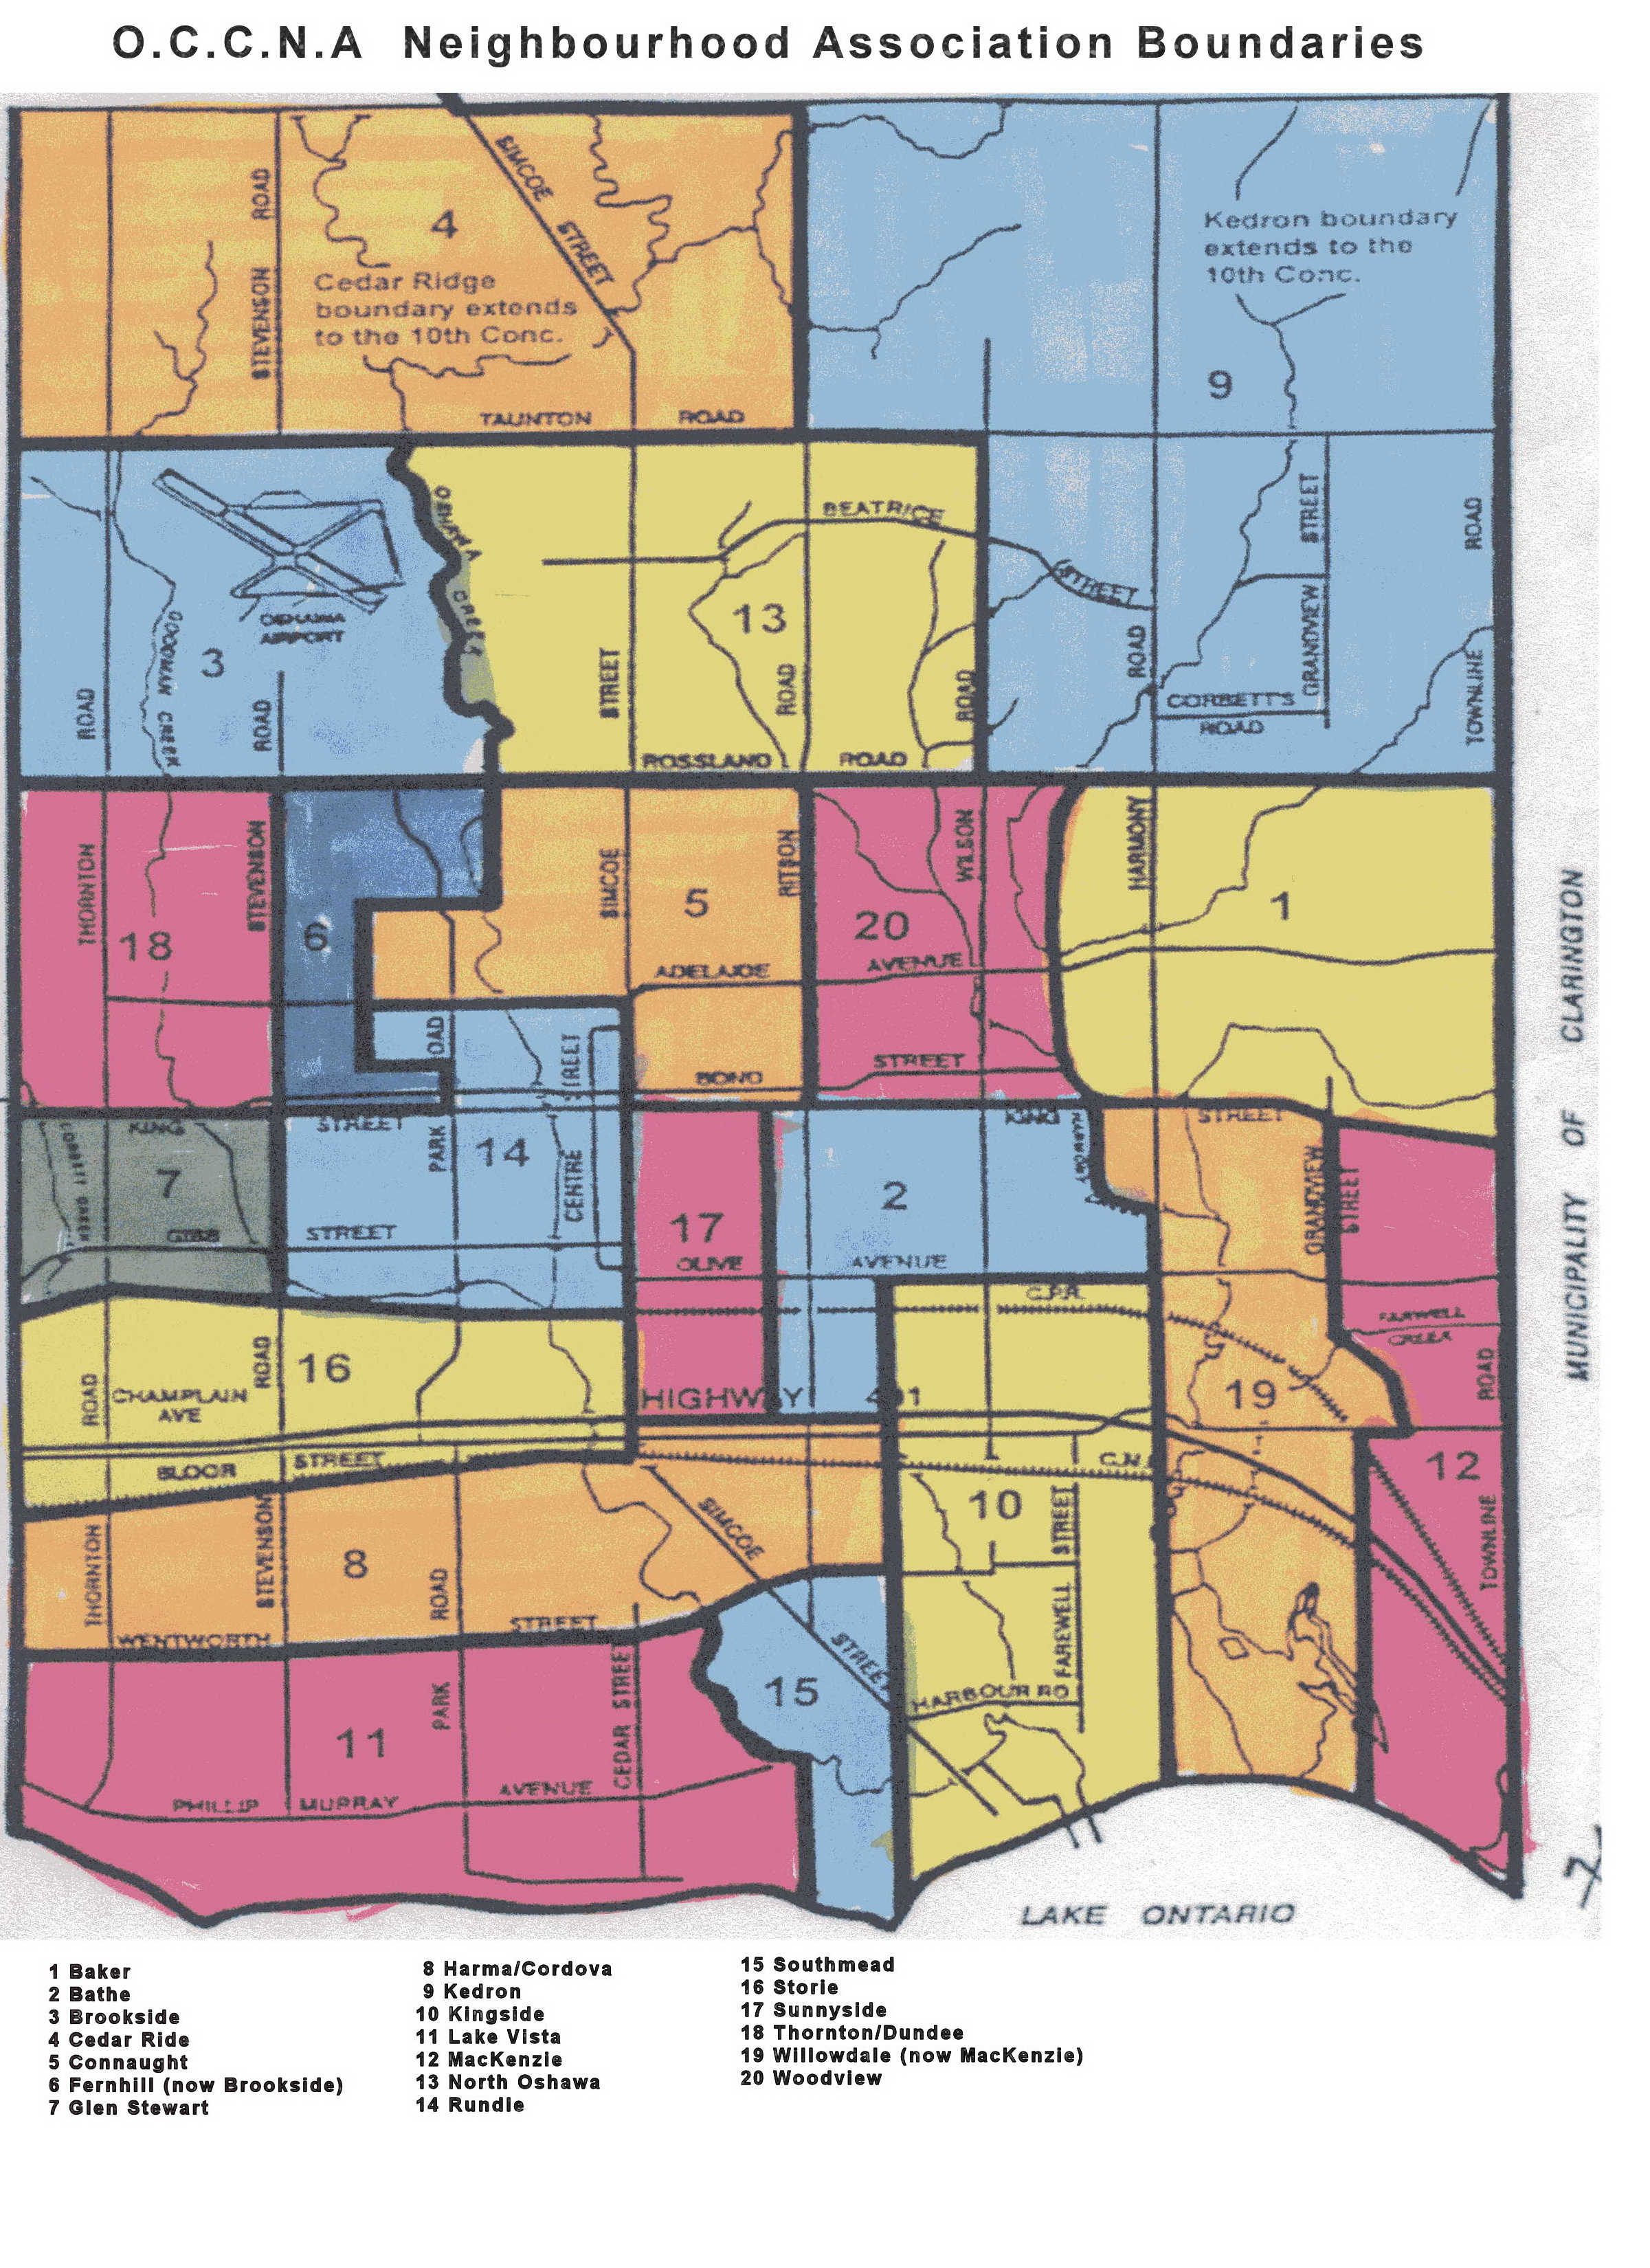 Neighbourhood Boundaries